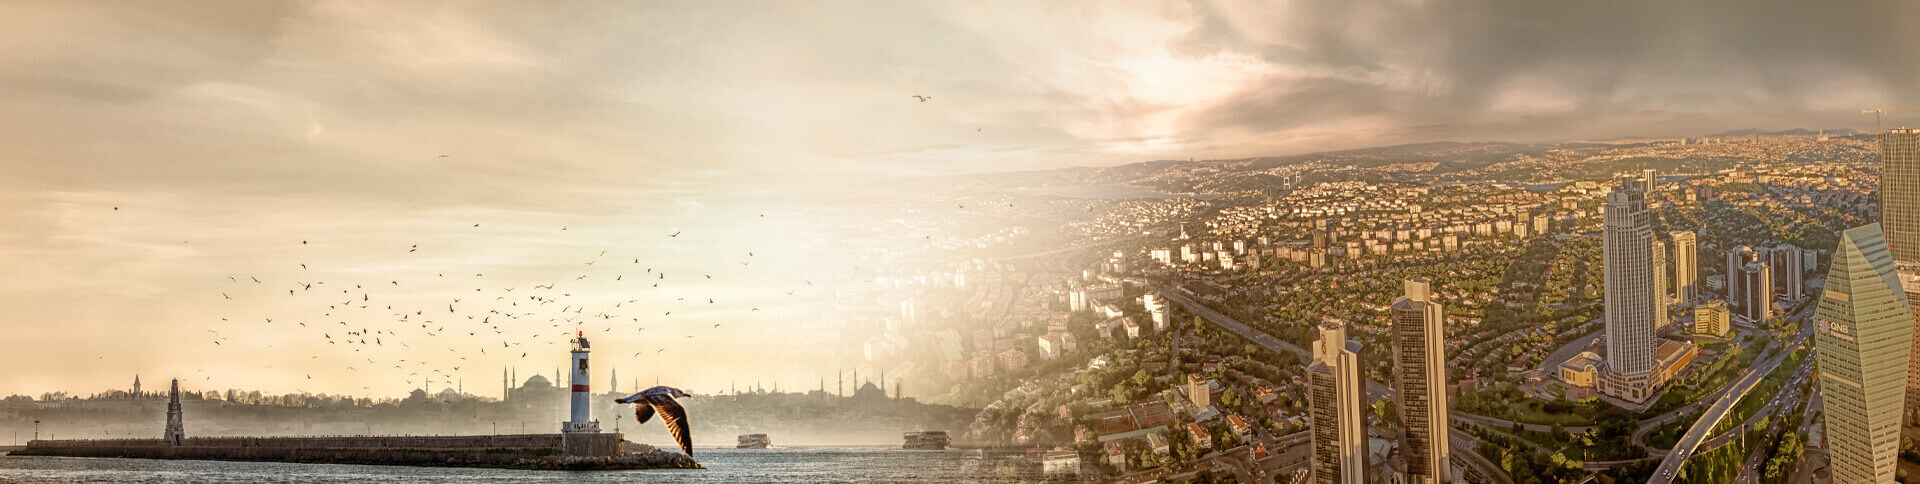 伊斯坦布尔房地产|土耳其房地产|土耳其国籍 | MELARES